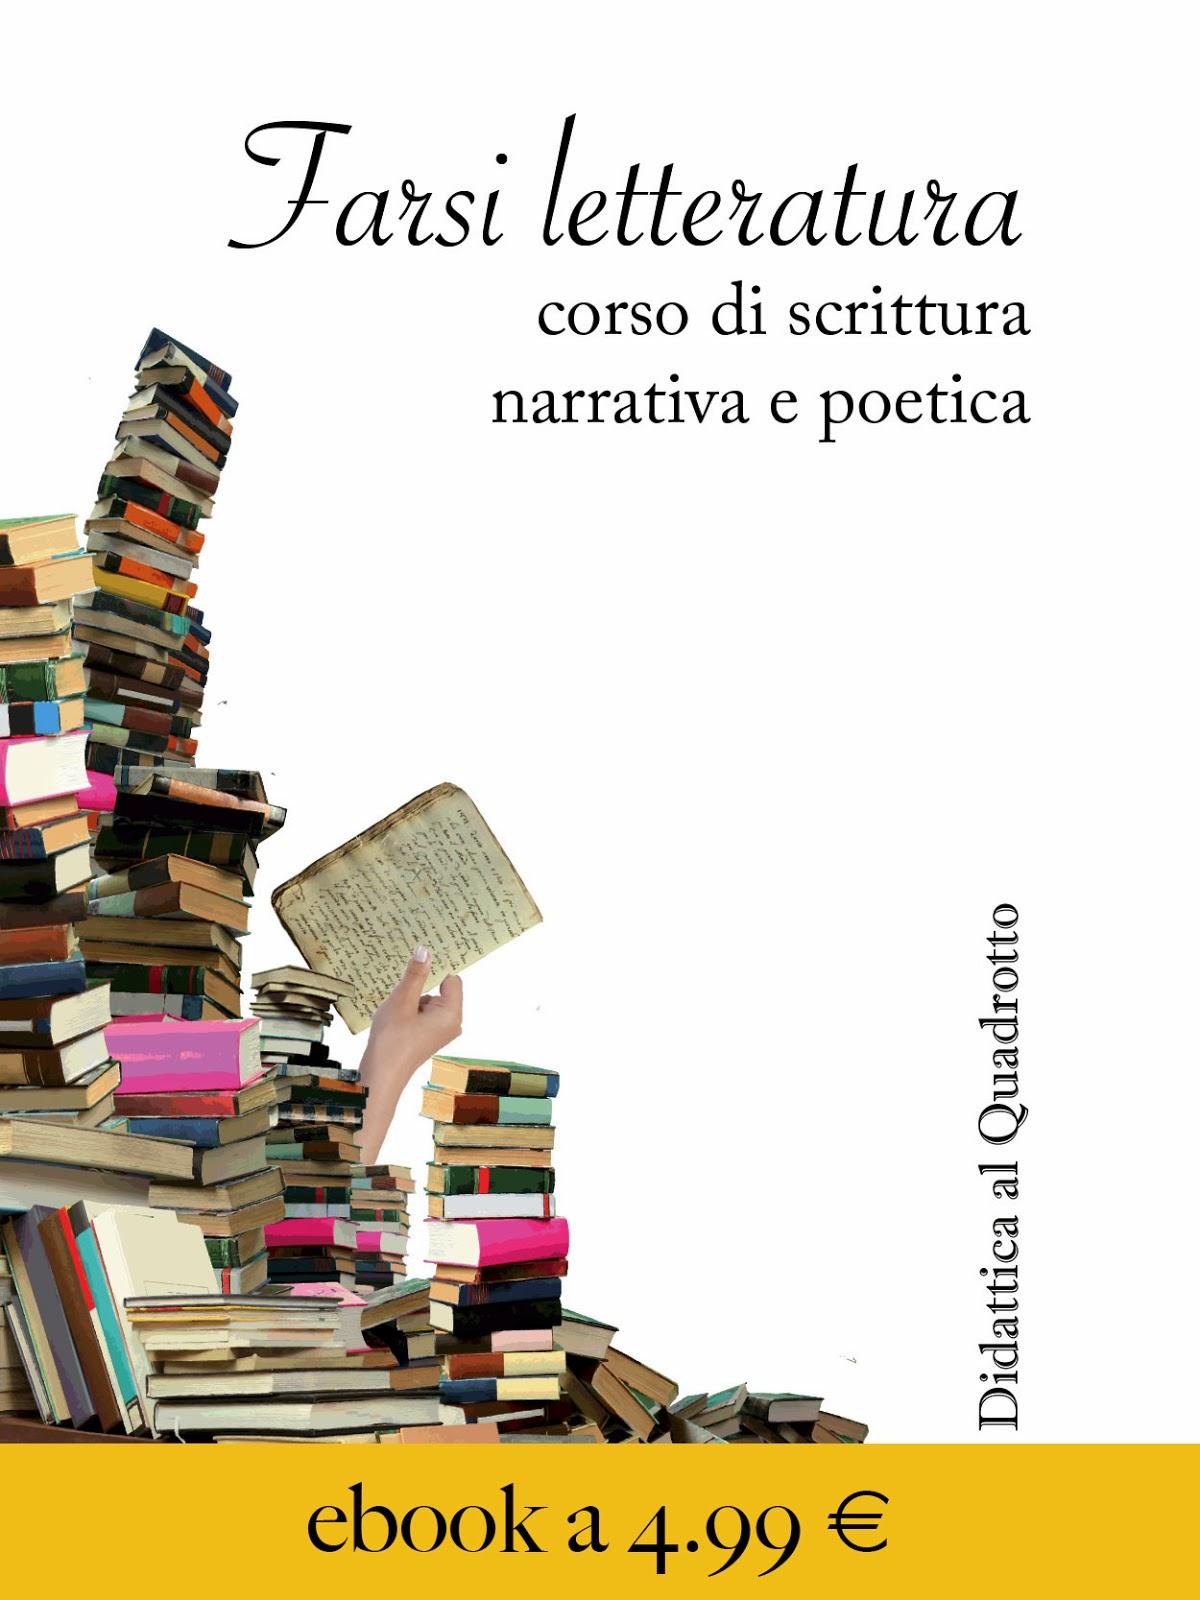 http://www.libreriauniversitaria.it/farsi-letteratura-corso-scrittura-narrativa/libro/9788890712722?a=465121